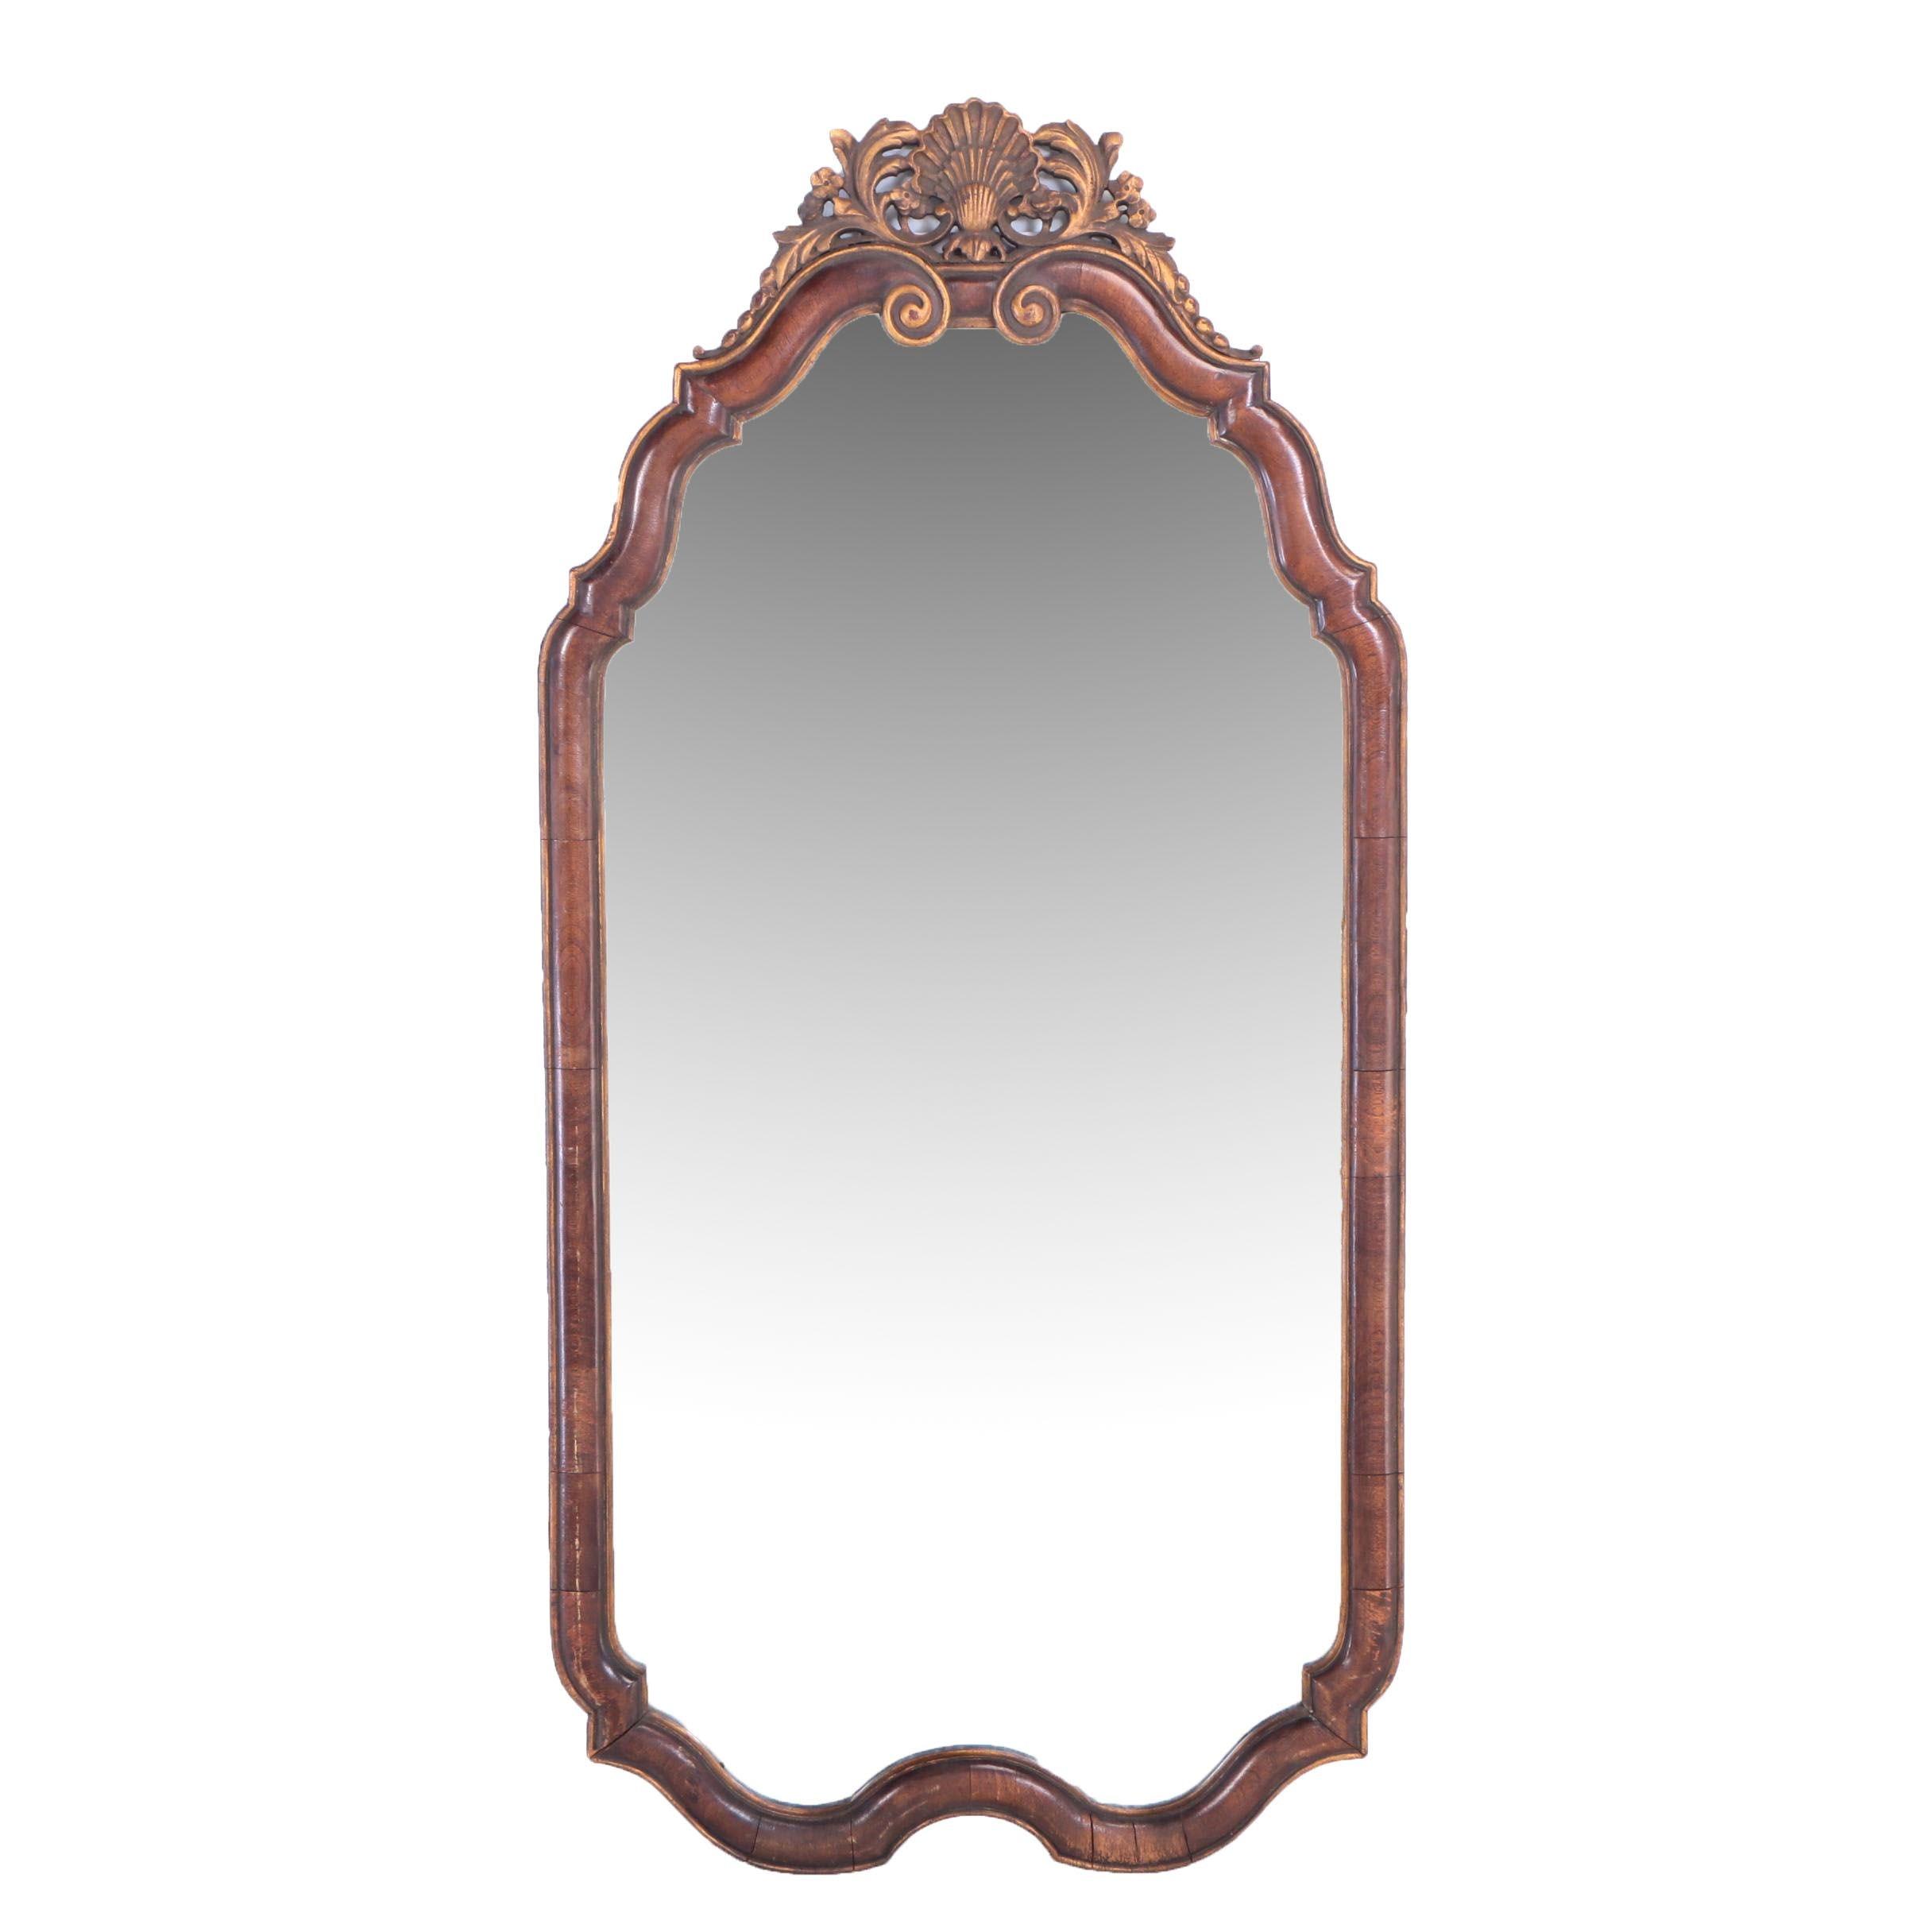 Queen Anne Style Walnut and Parcel-Gilt Pier Mirror, 20th Century